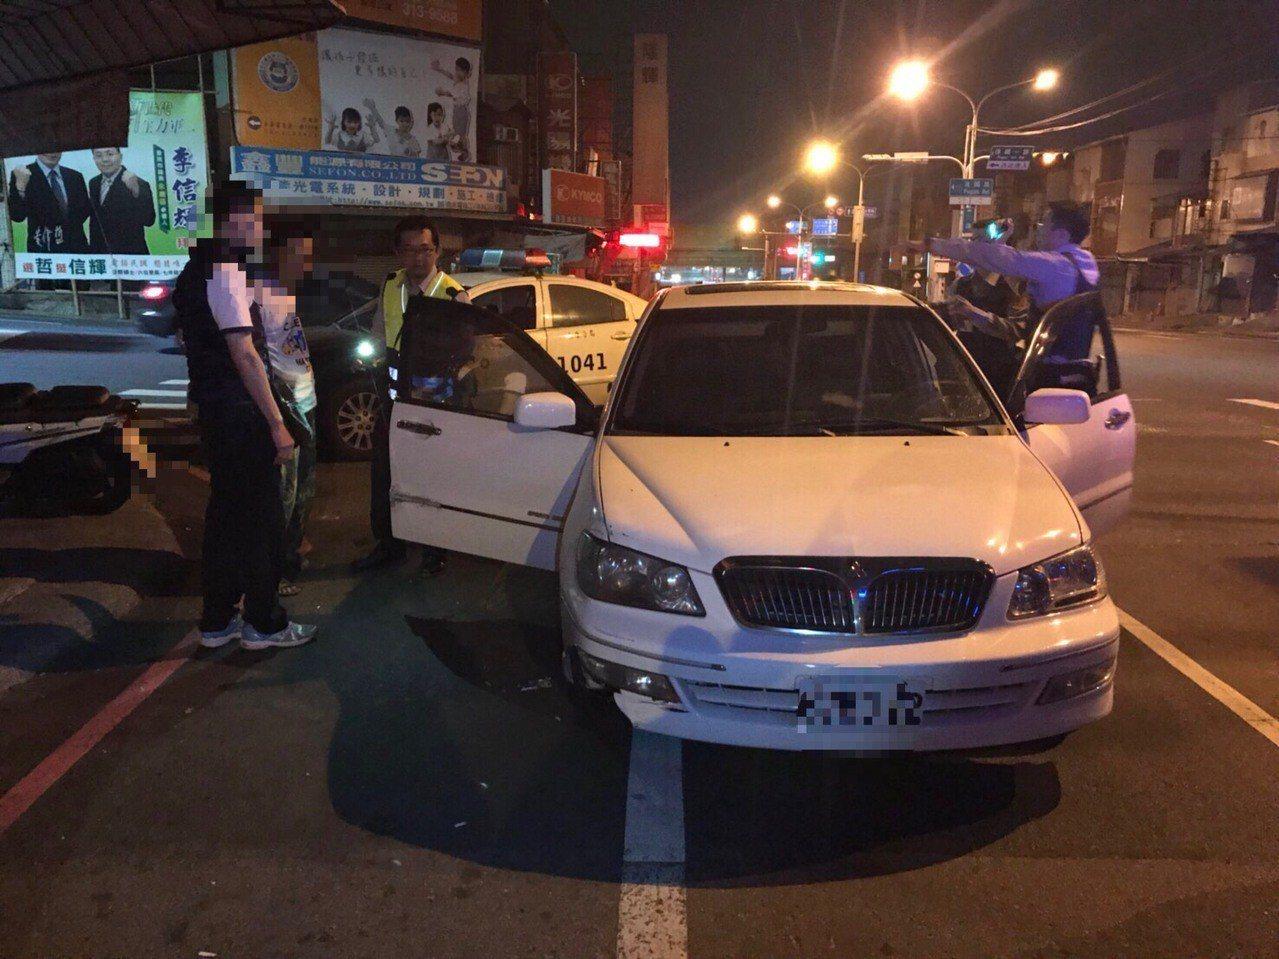 李男駕駛的自小客車遇到警方就倒車閃避,引起警方懷疑,上前盤查。圖/翻攝畫面